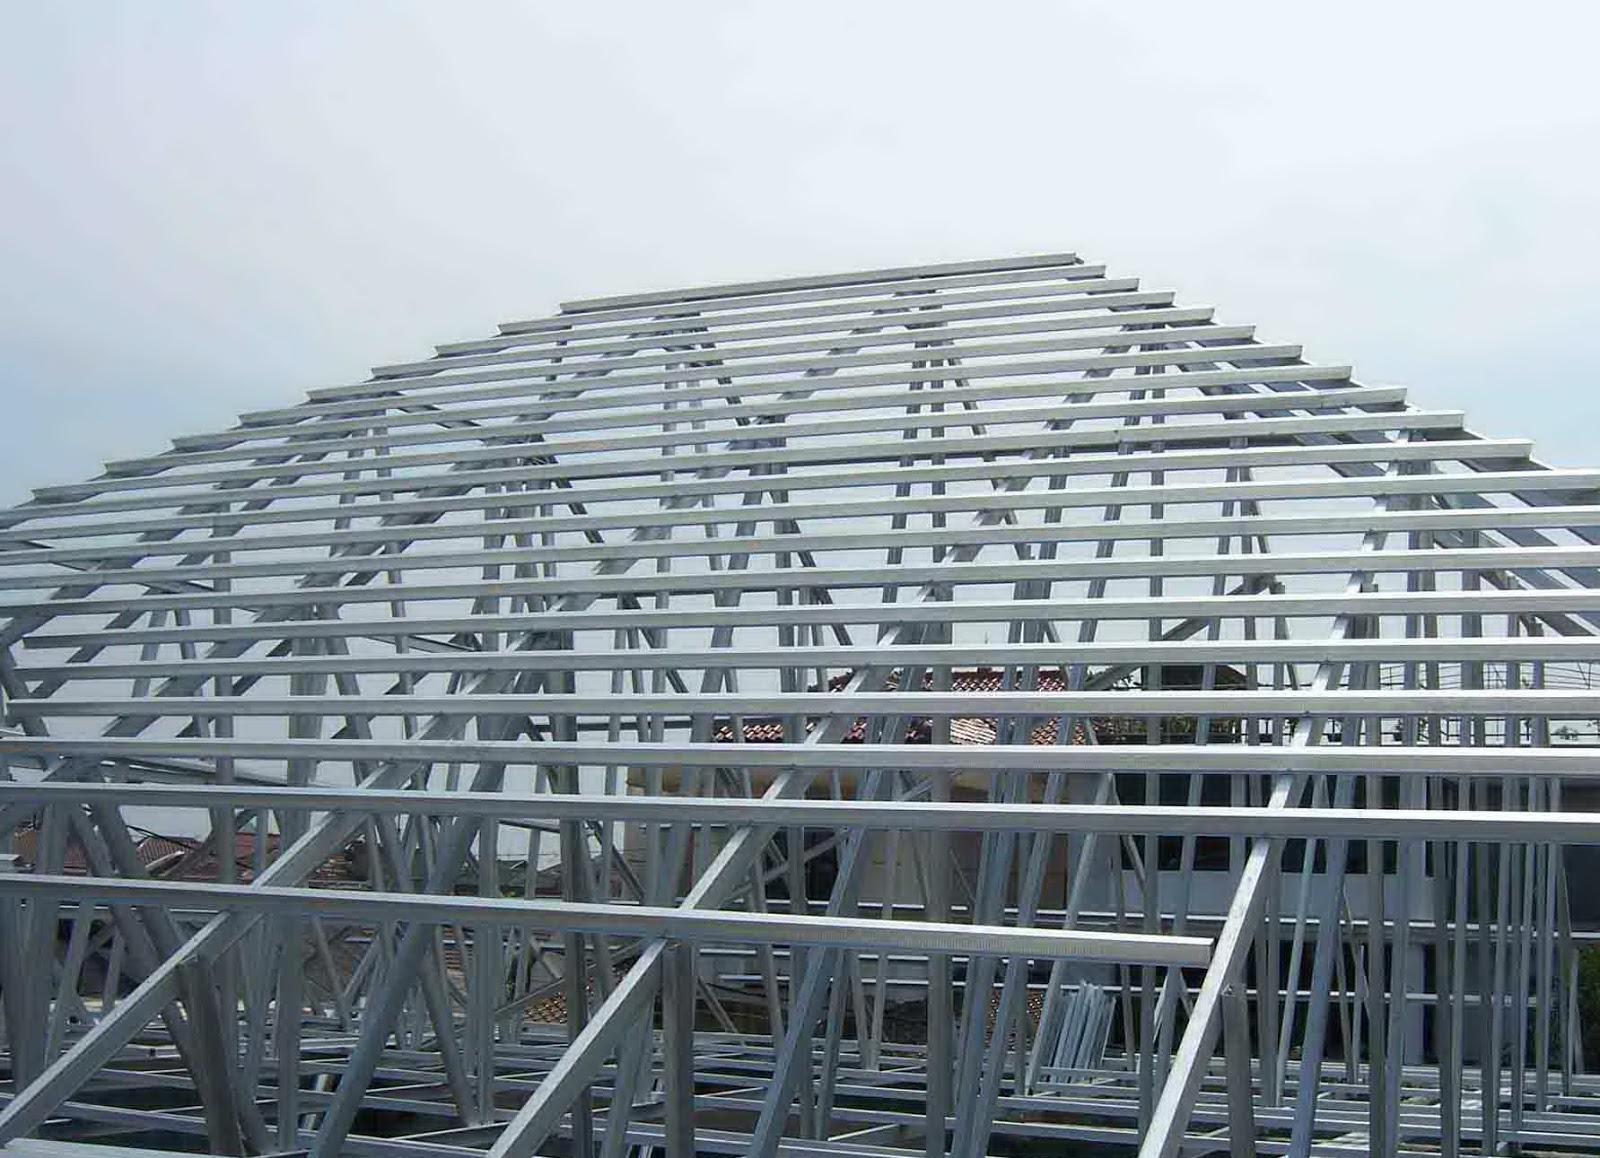 dalam menghitung volumerangka atap.Pekerjaan rangka atap baja